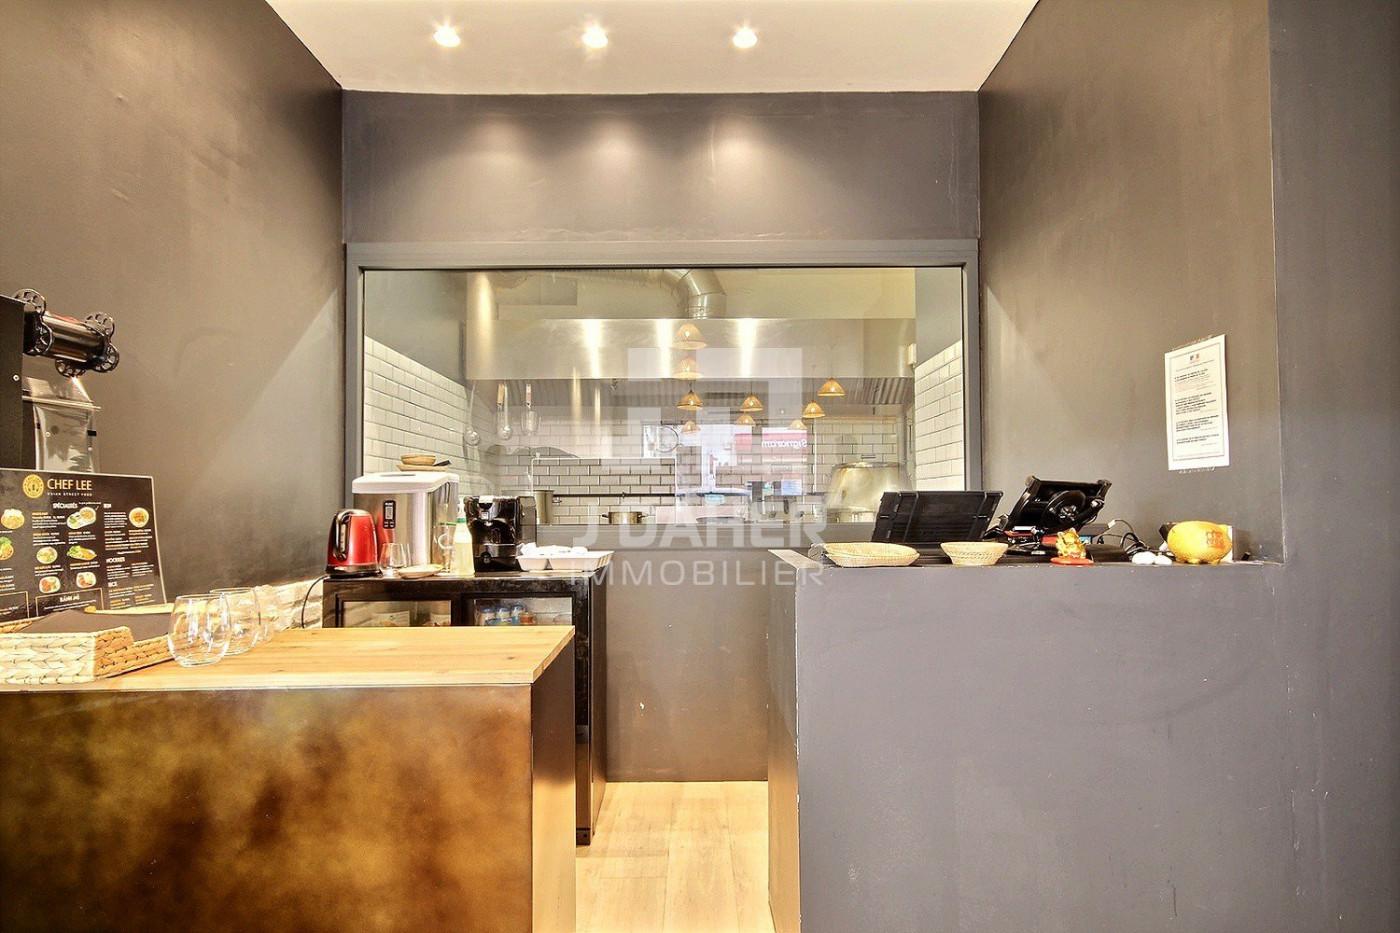 A vendre  Marseille 6eme Arrondissement | Réf 13025872 - J daher immobilier